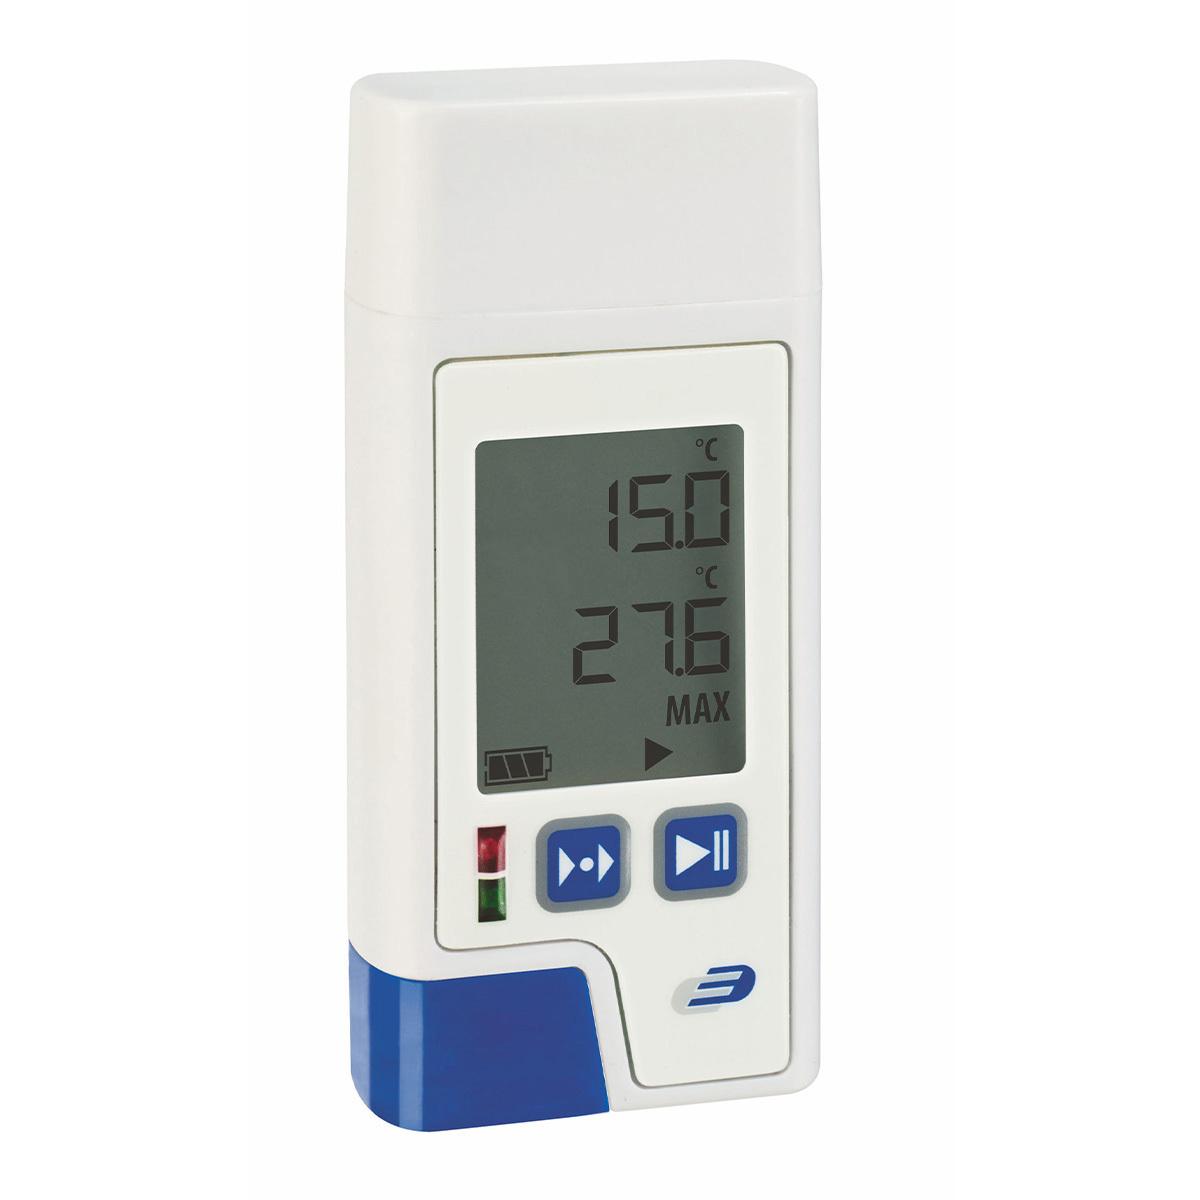 31-1057-02-datenlogger-für-temperatur-log200-1200x1200px.jpg